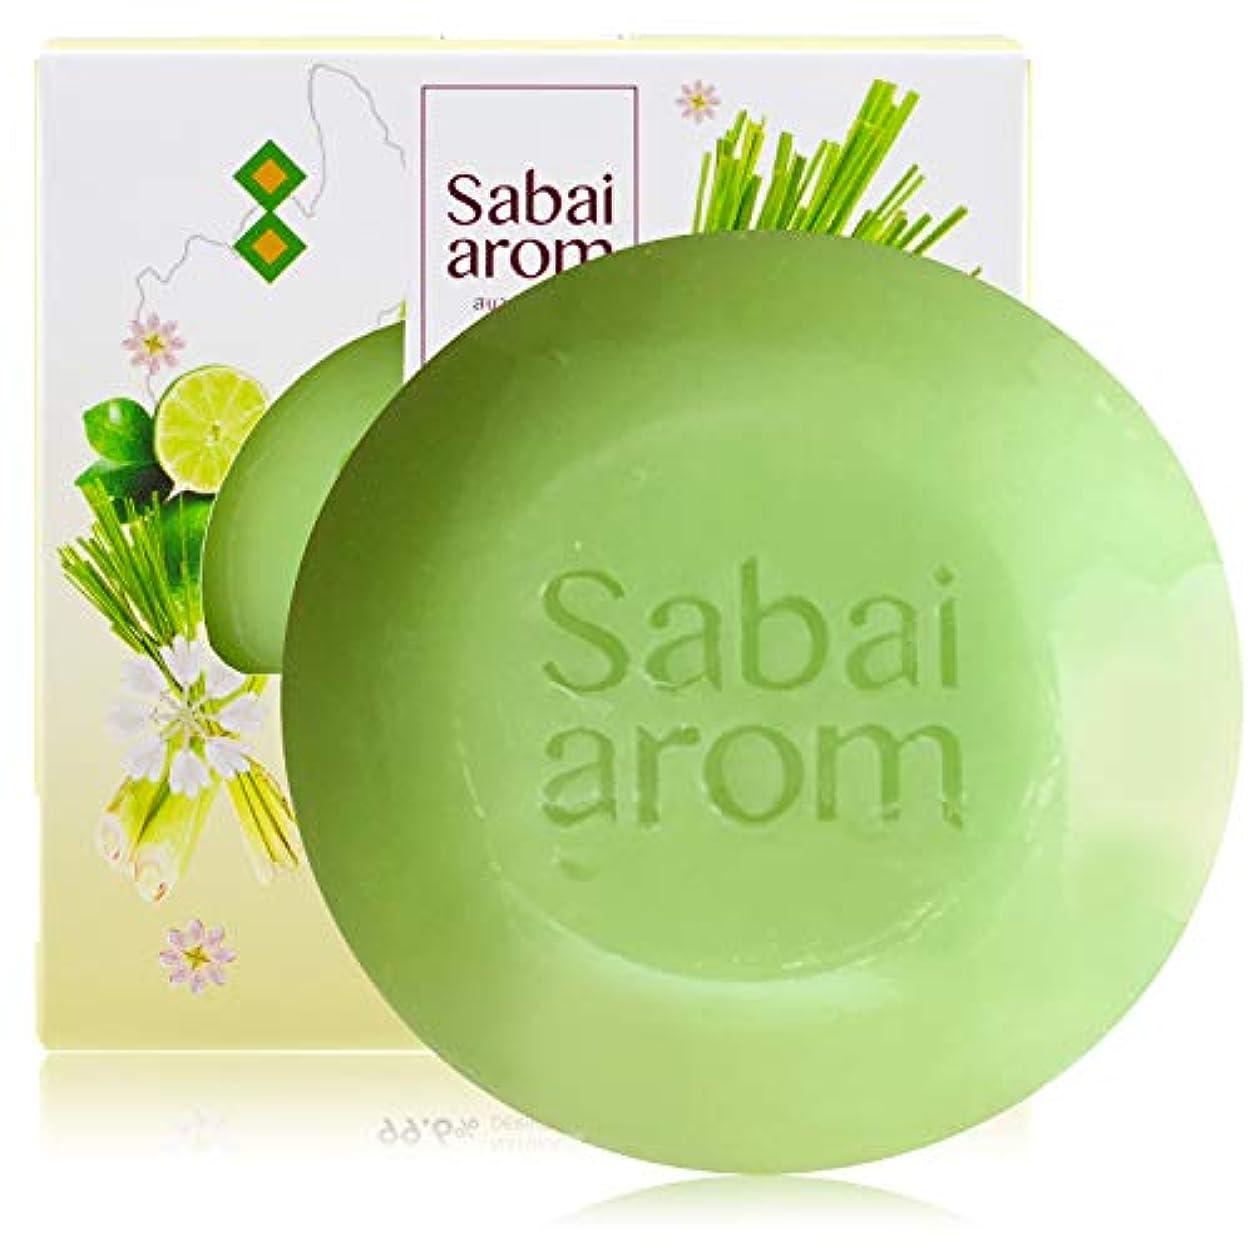 命令的いらいらさせるバイオリニストサバイアロム(Sabai-arom) レモングラス フェイス&ボディソープバー (石鹸) 100g【LMG】【001】